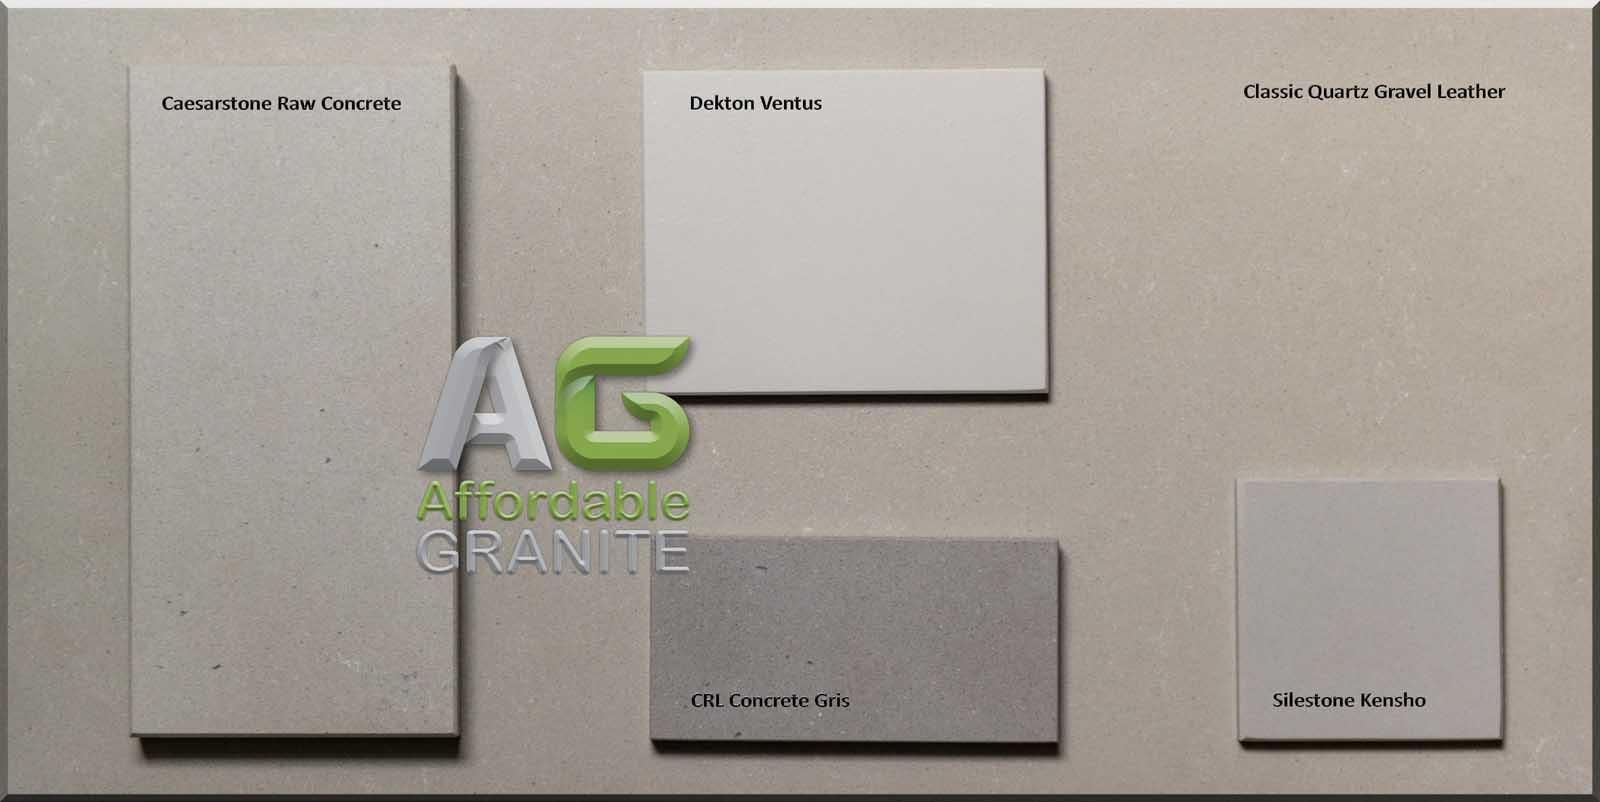 Caesarstone raw concrete dekton ventus classic quartz gravel leather CRL concrete gris silestone kenshoa